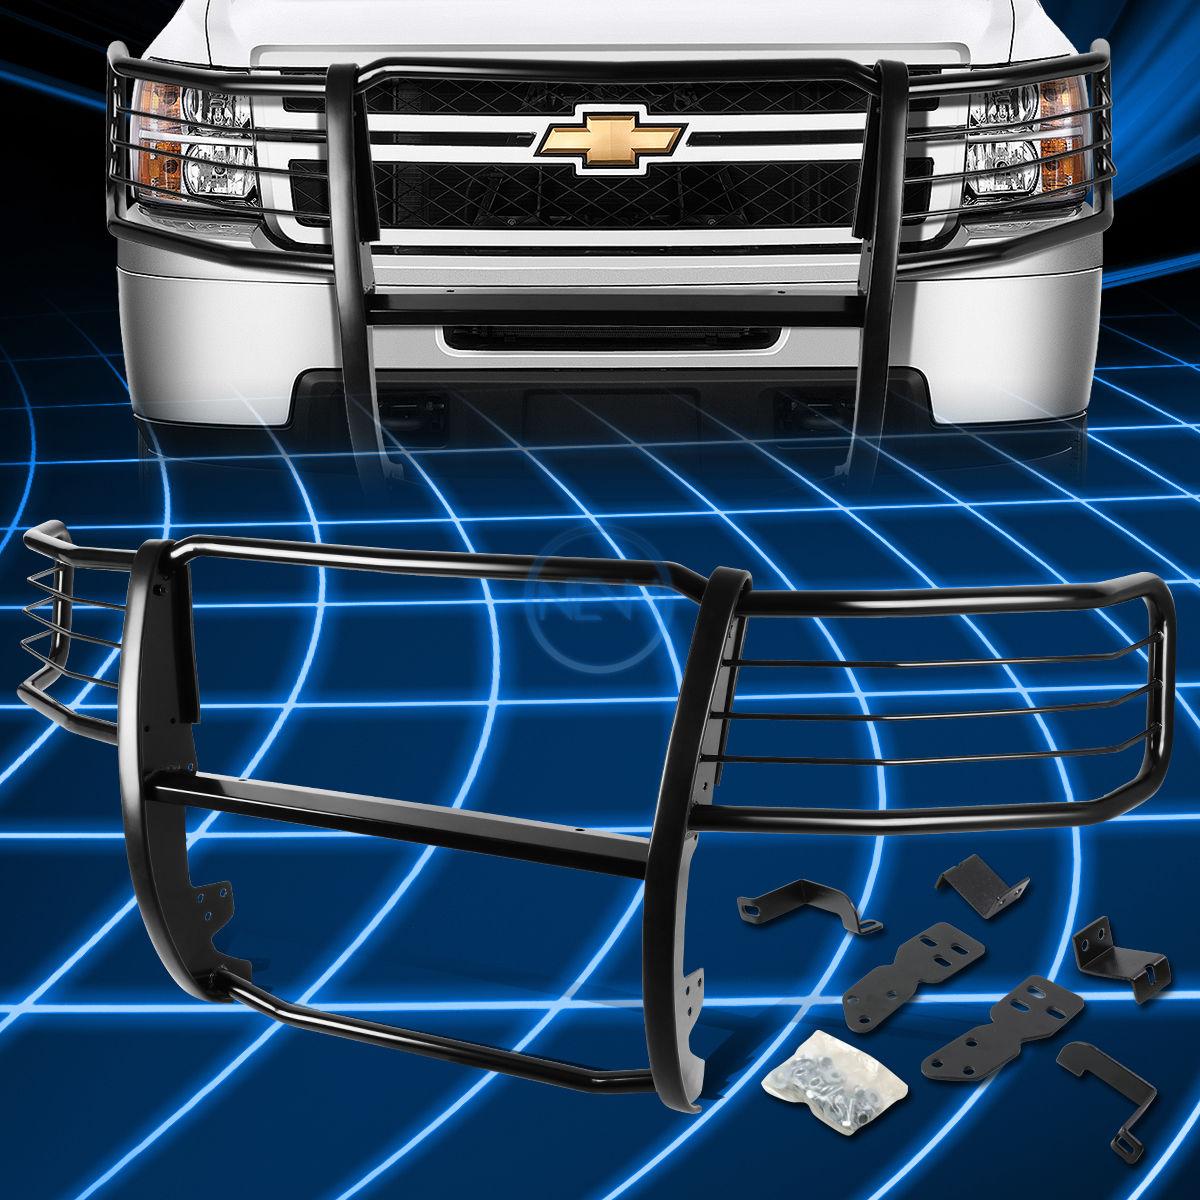 グリル 2007-2013 Silverado 1500 GMT900のためのブラックブラシバンパープロテクターグリルガード Black Brush Bumper Protector Grille Guard for 2007-2013 Silverado 1500 GMT900